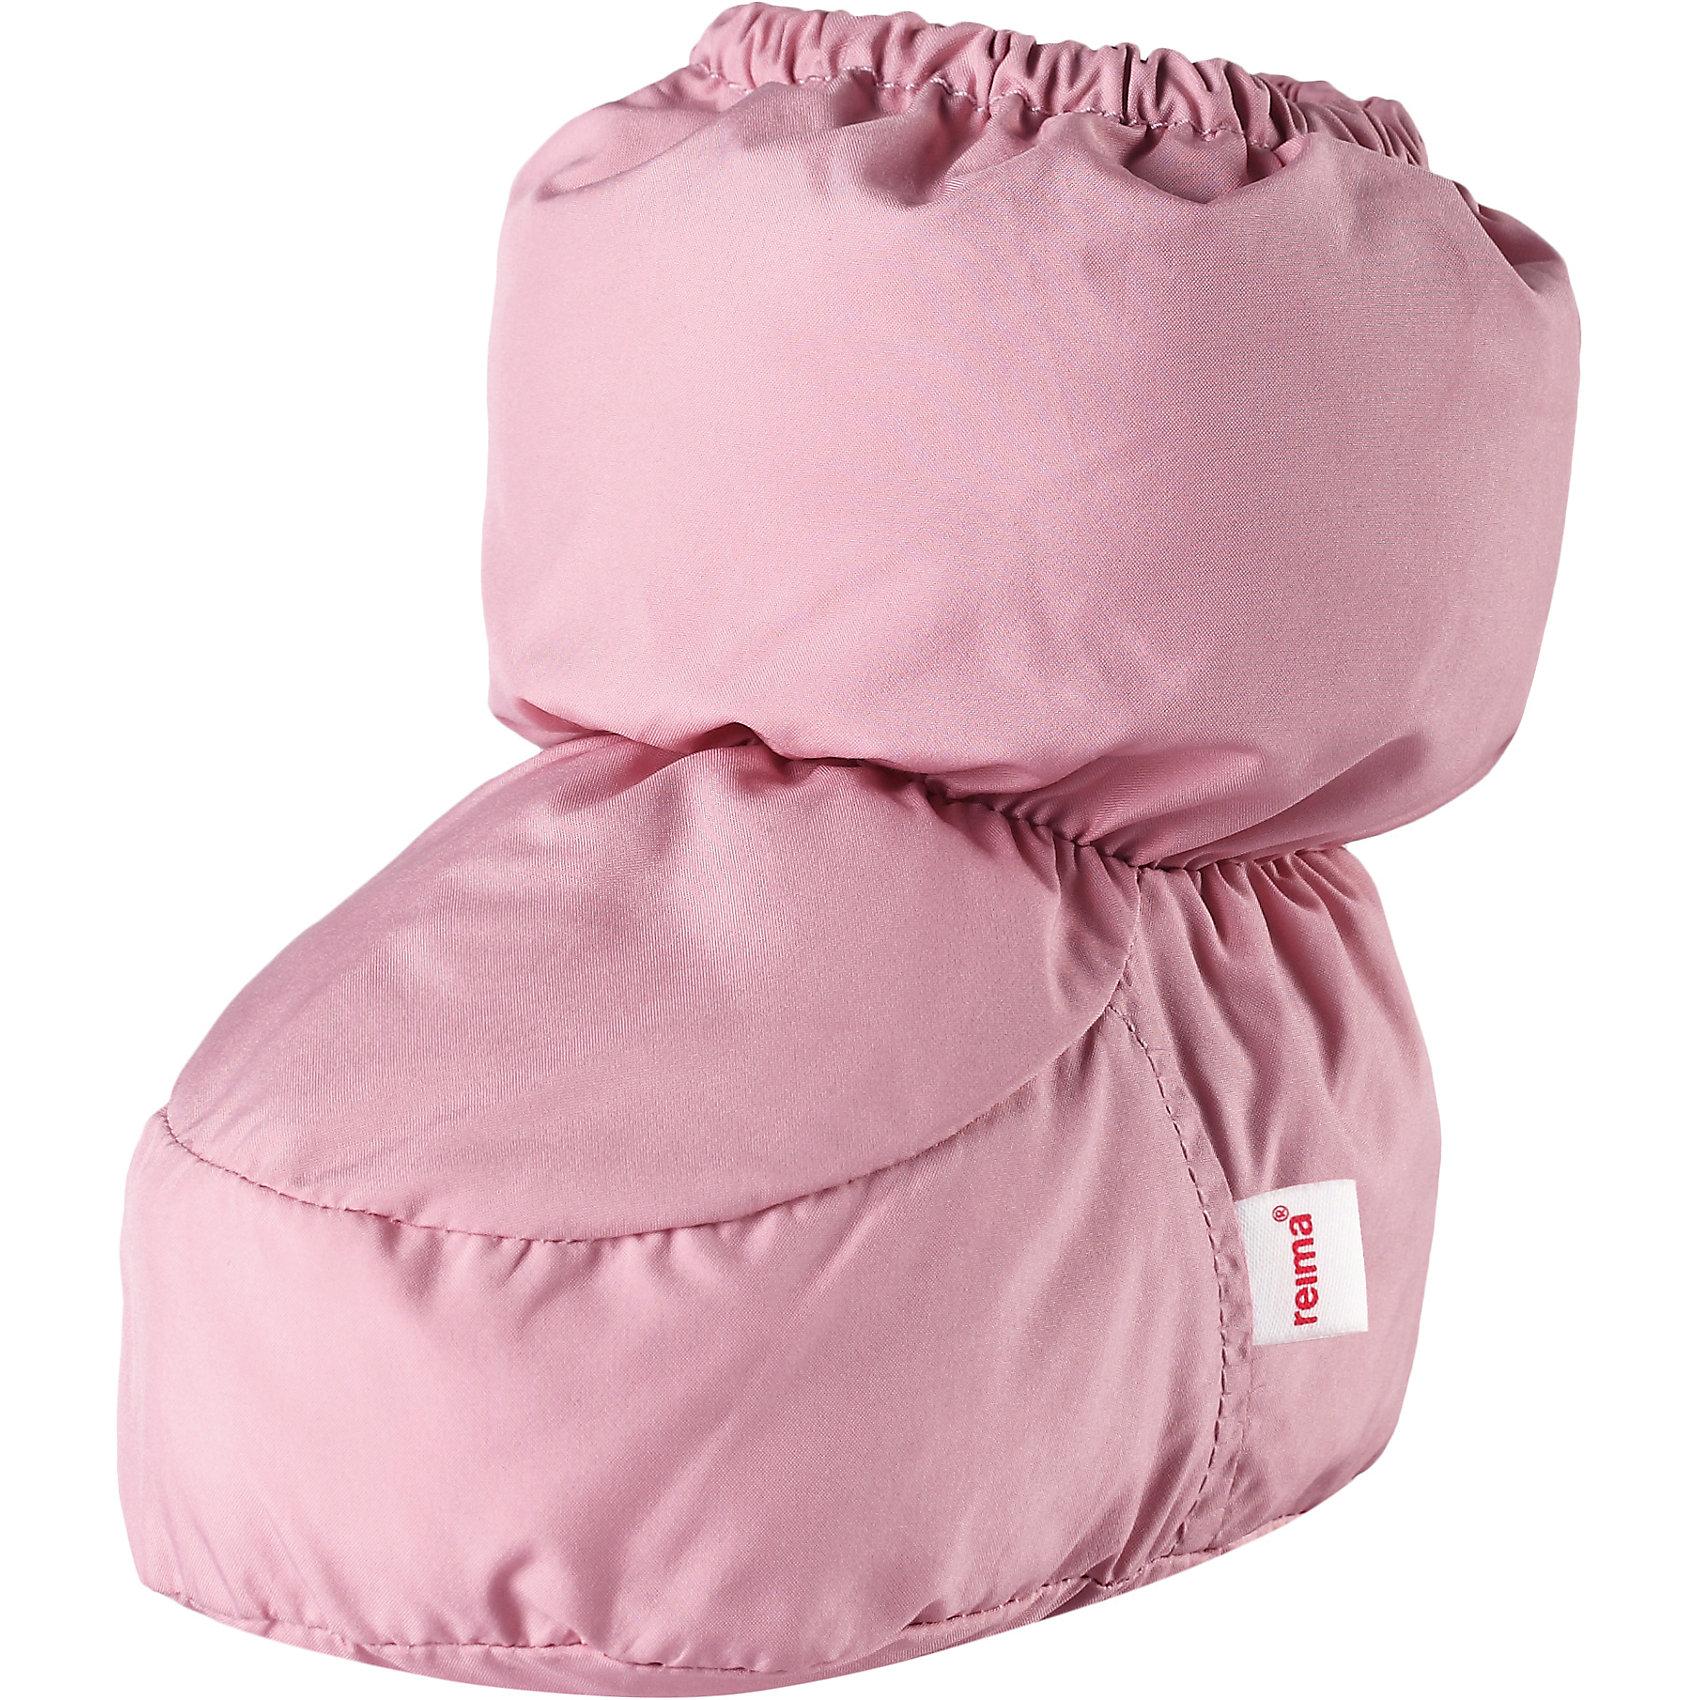 Пинетки Reima UskallusПинетки и царапки<br>Характеристики товара:<br><br>• цвет: розовый;<br>• состав: 100% полиэстер;<br>• утеплитель: 80 г/м2 (Comfort insulation)<br>• сезон: демисезон; <br>• особенности модели: на подкладке;<br>• водоотталкивающий, ветронепроницаемый и грязеотталкивающий материал;<br>• сплошная подкладка: гладкий хлопковый трикотаж;<br>• легкая степень утепления;<br>• логотип Reima сбоку;<br>• страна бренда: Финляндия;<br>• страна изготовитель: Китай.<br><br>В этих пинетках для новорожденных маленьким ножкам будет тепло и уютно. Они сшиты из ветронепроницаемого и водоотталкивающего материала и внутри снабжены мягкой и уютной трикотажной подкладкой.<br><br>Пинетки Uskallus Reima от финского бренда Reima (Рейма) можно купить в нашем интернет-магазине.<br><br>Ширина мм: 152<br>Глубина мм: 126<br>Высота мм: 93<br>Вес г: 242<br>Цвет: розовый<br>Возраст от месяцев: 6<br>Возраст до месяцев: 18<br>Пол: Унисекс<br>Возраст: Детский<br>Размер: 1,0<br>SKU: 6908659